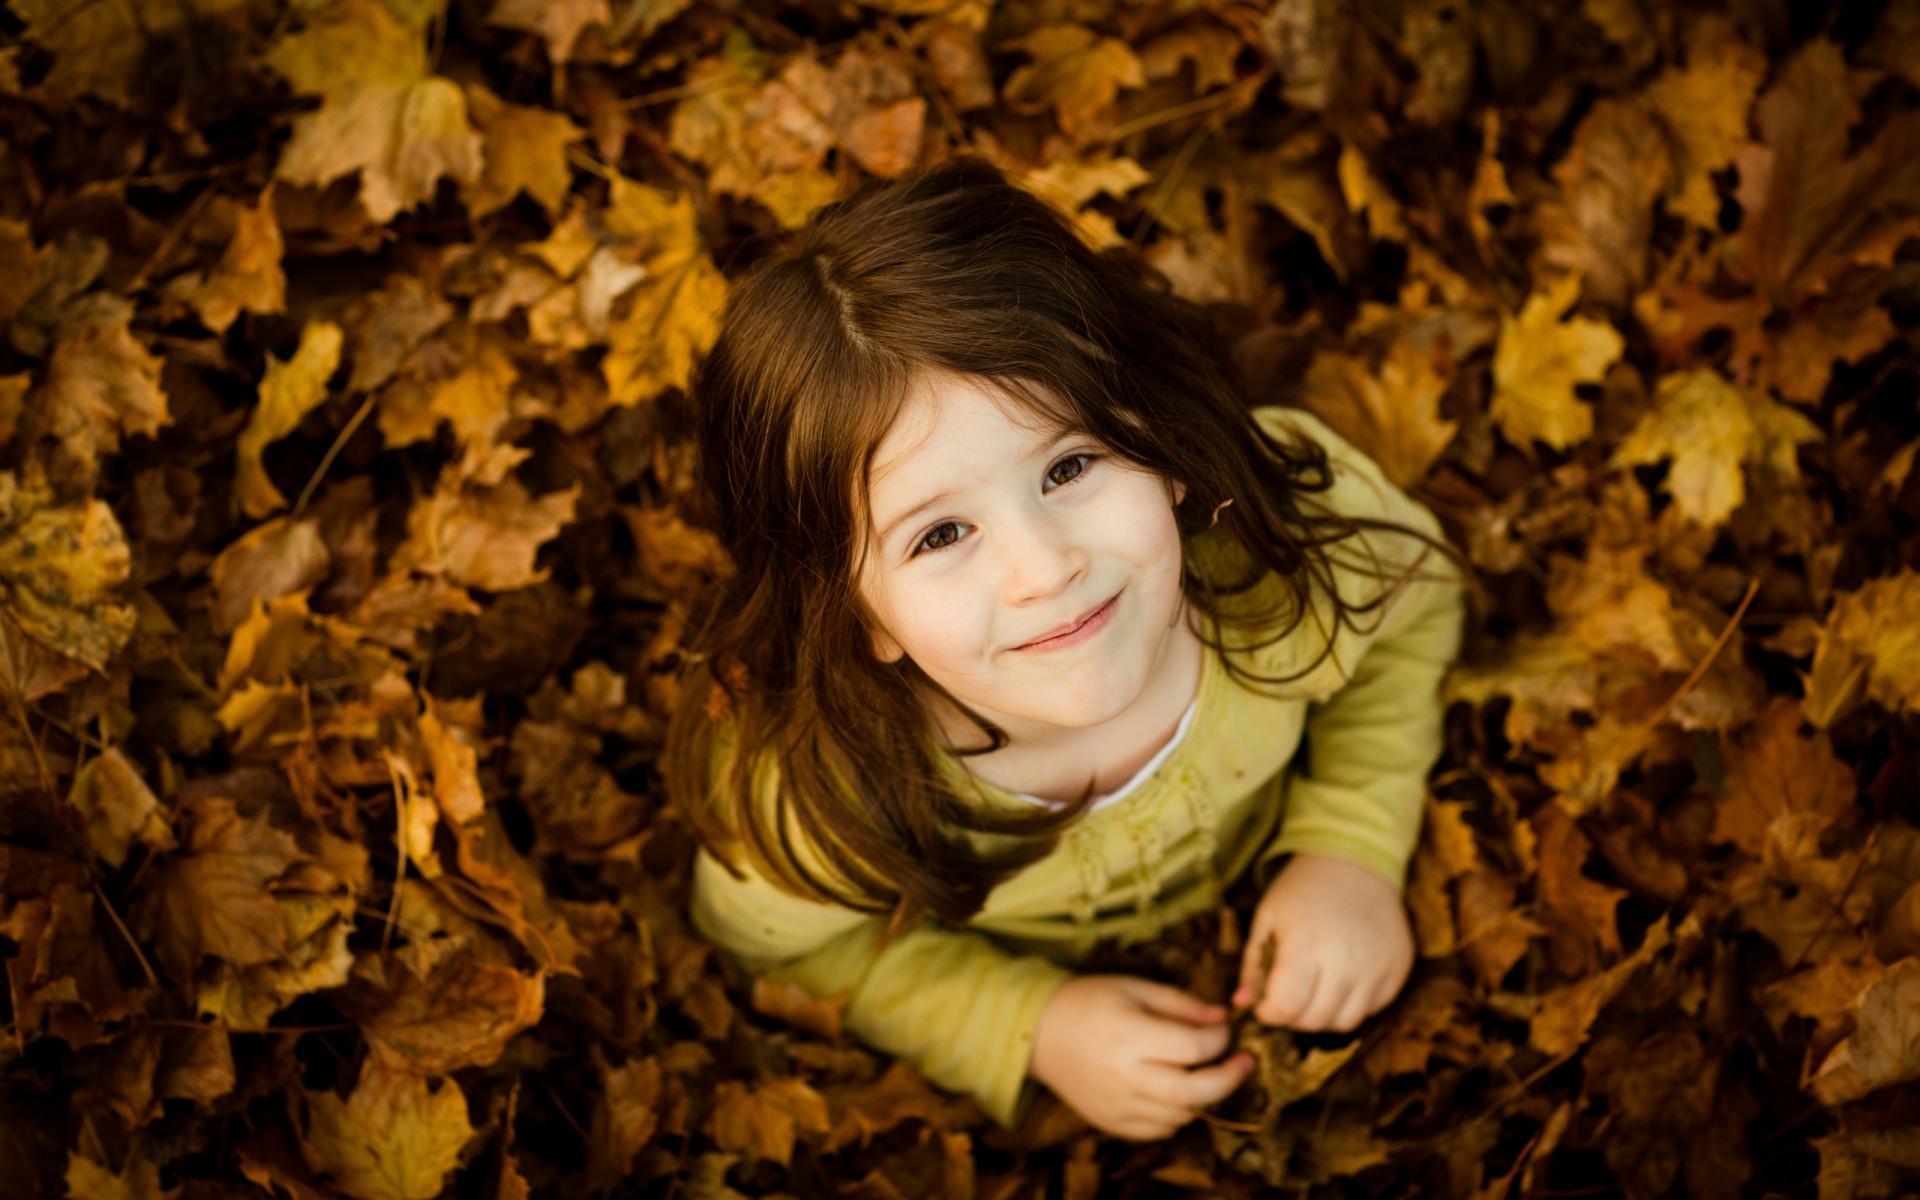 cute little girl wallpaper 33625